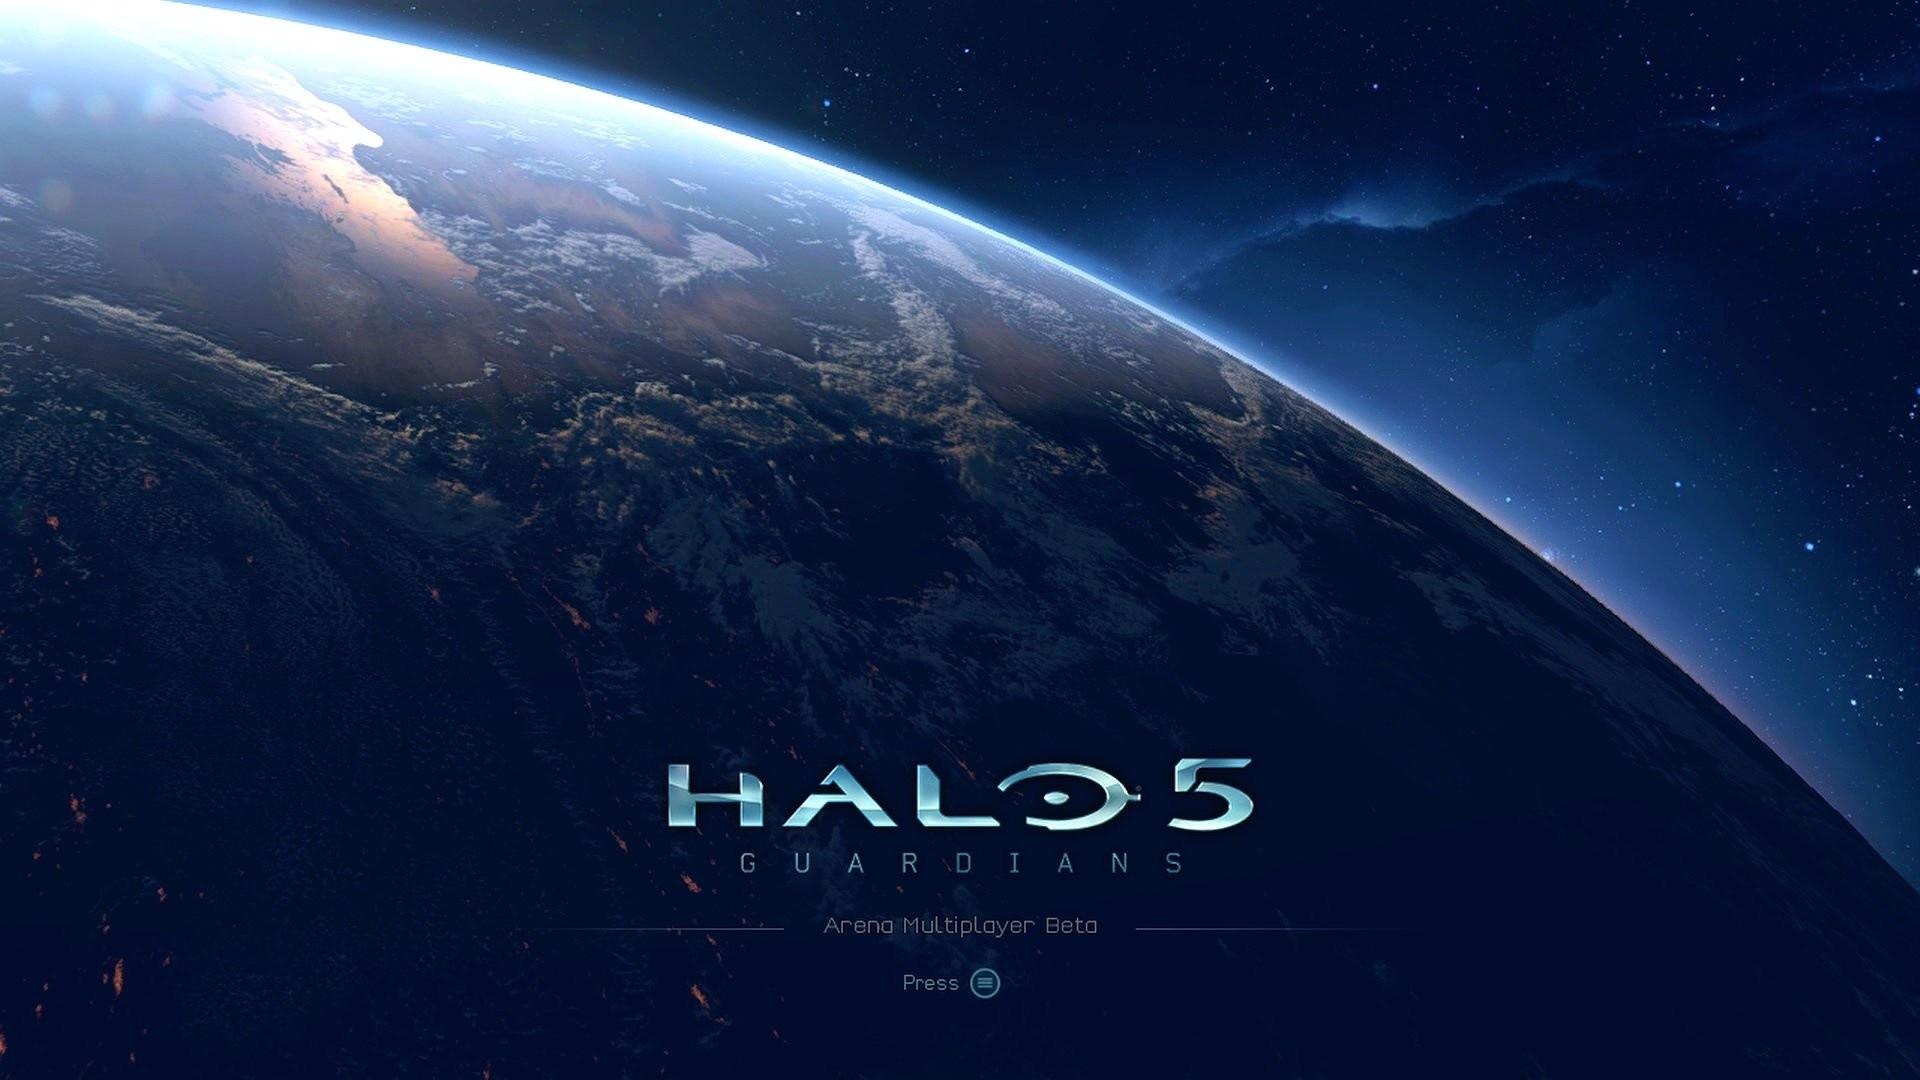 56 Halo 5 4k